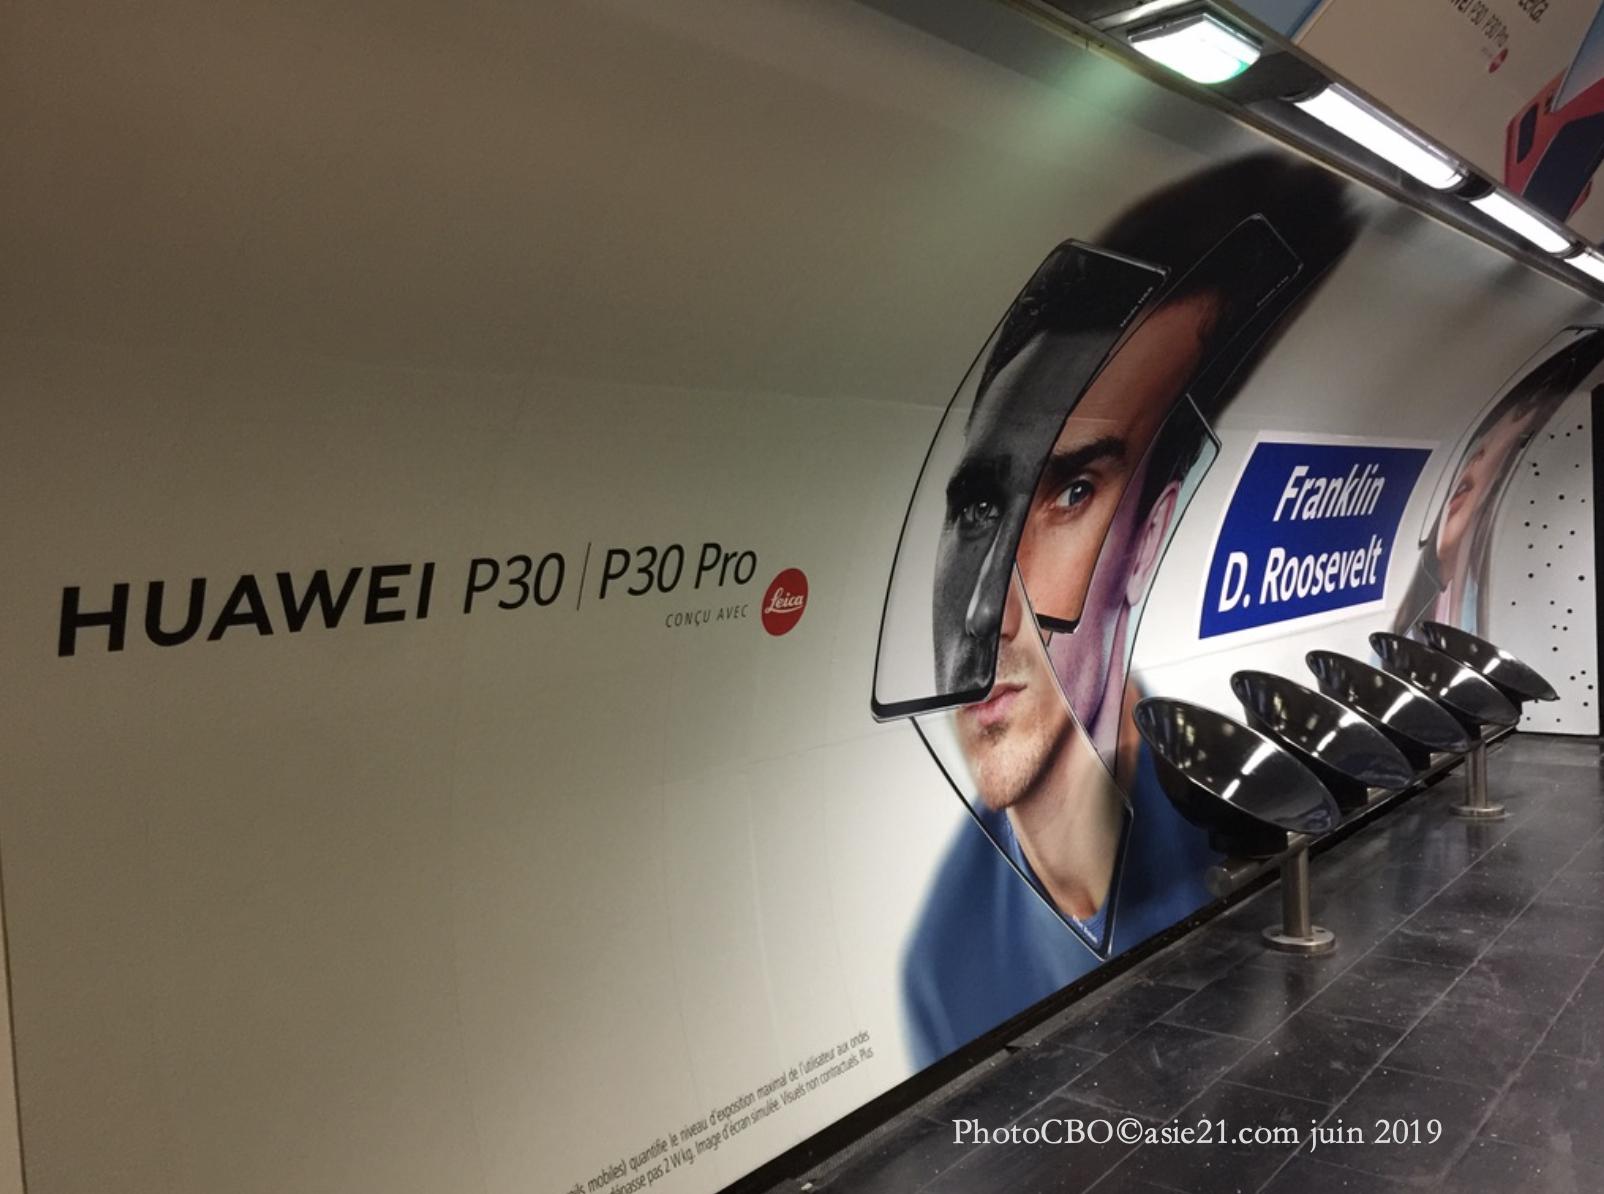 Chine – États-Unis – Canada – Monde : L'affaire Huawei évolue (suite 4)